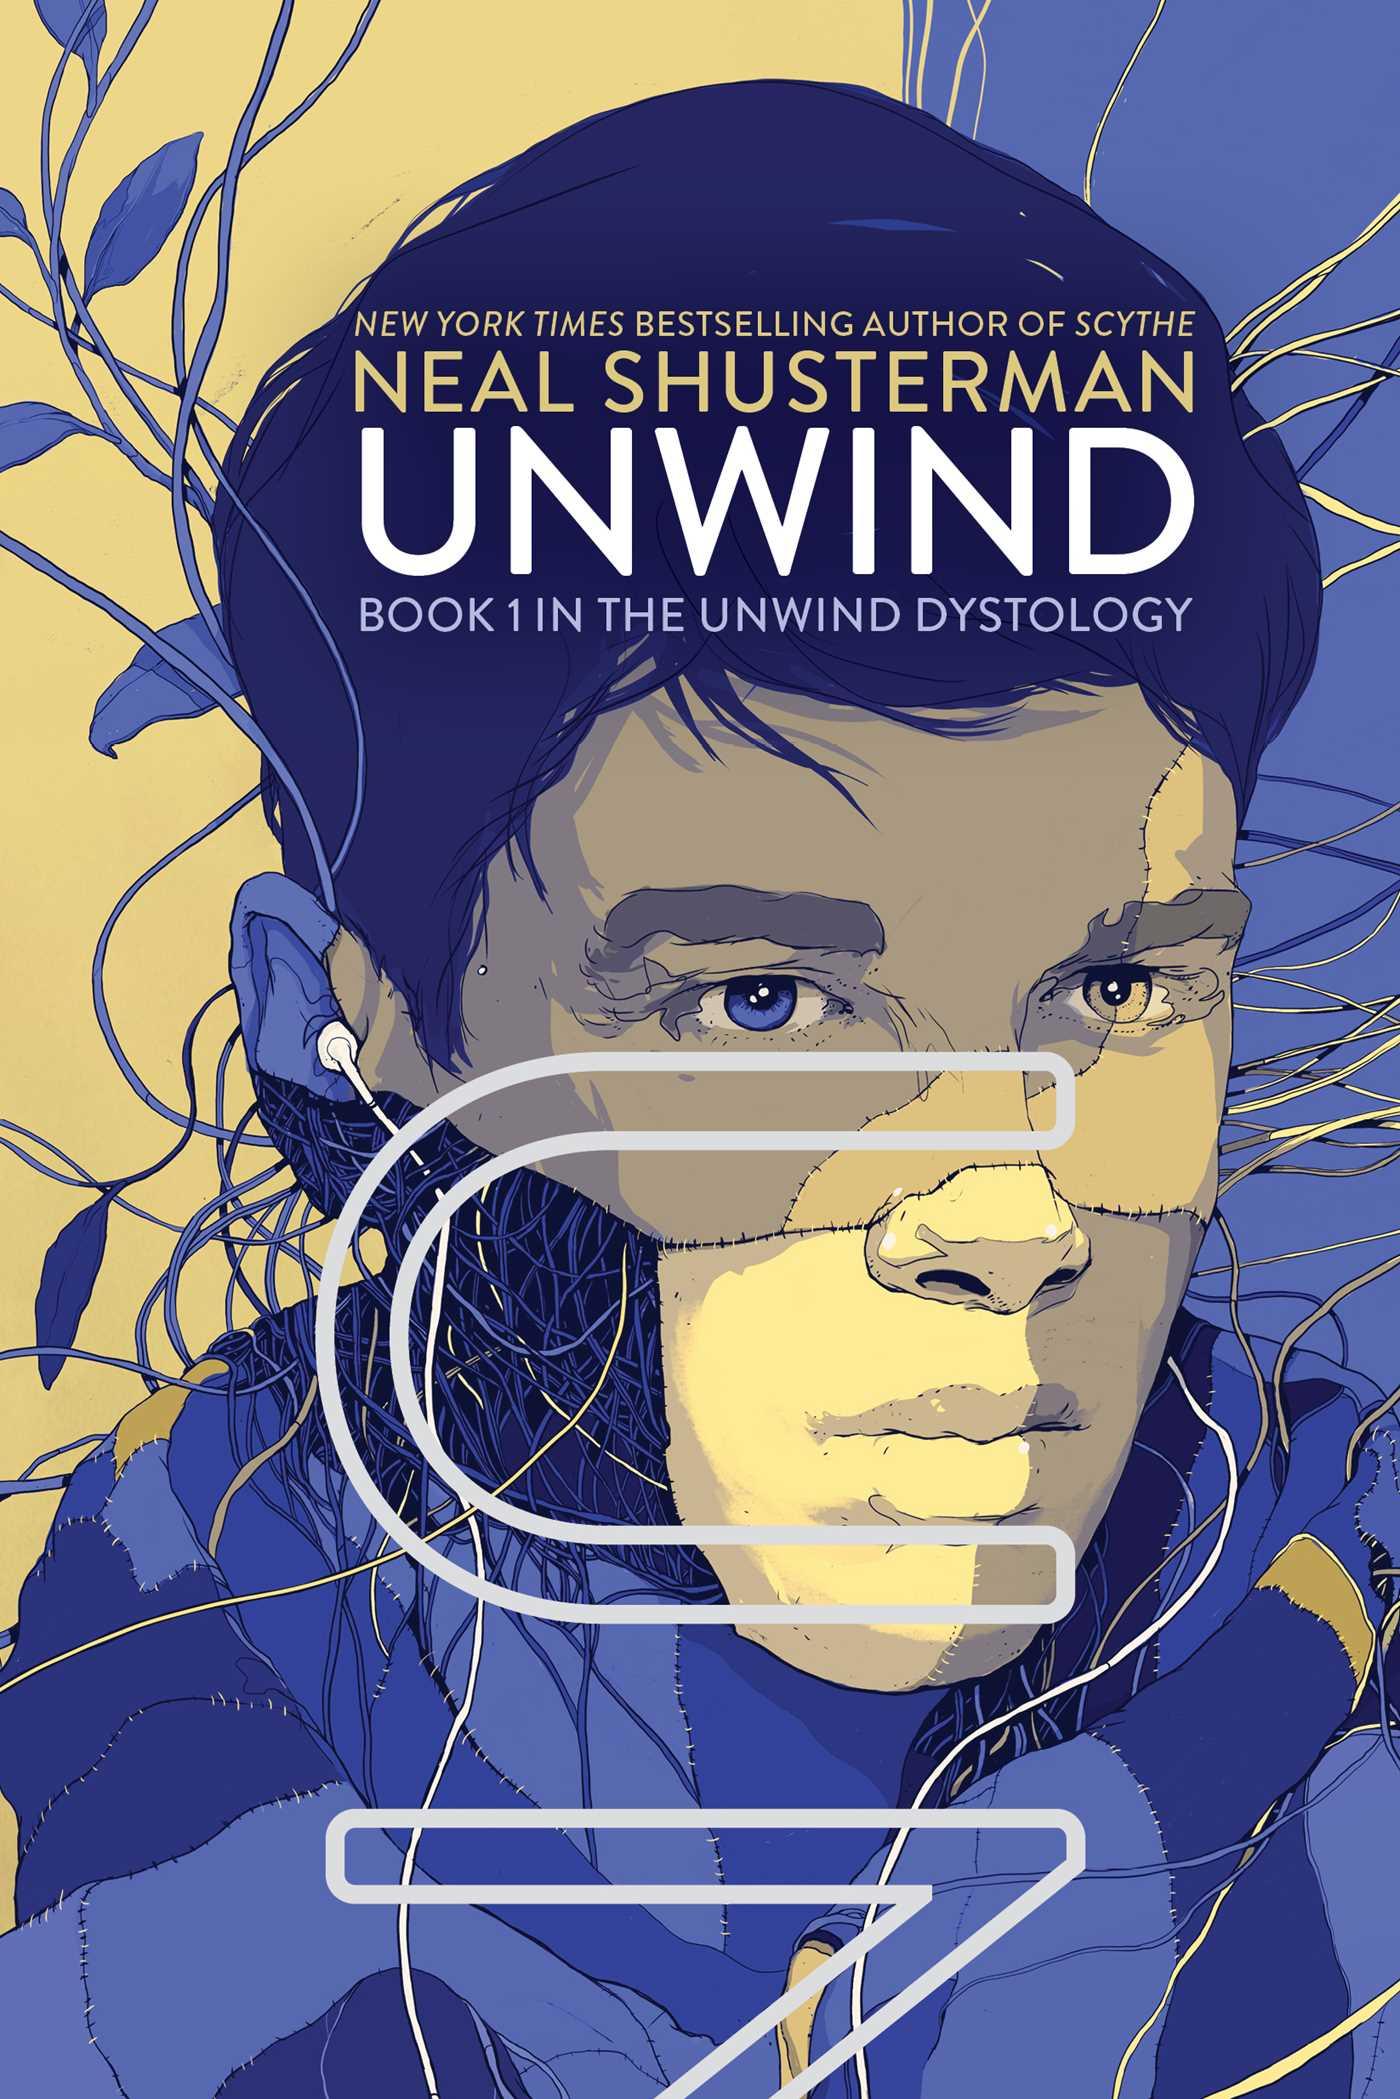 Unwind 9781416912040 hr